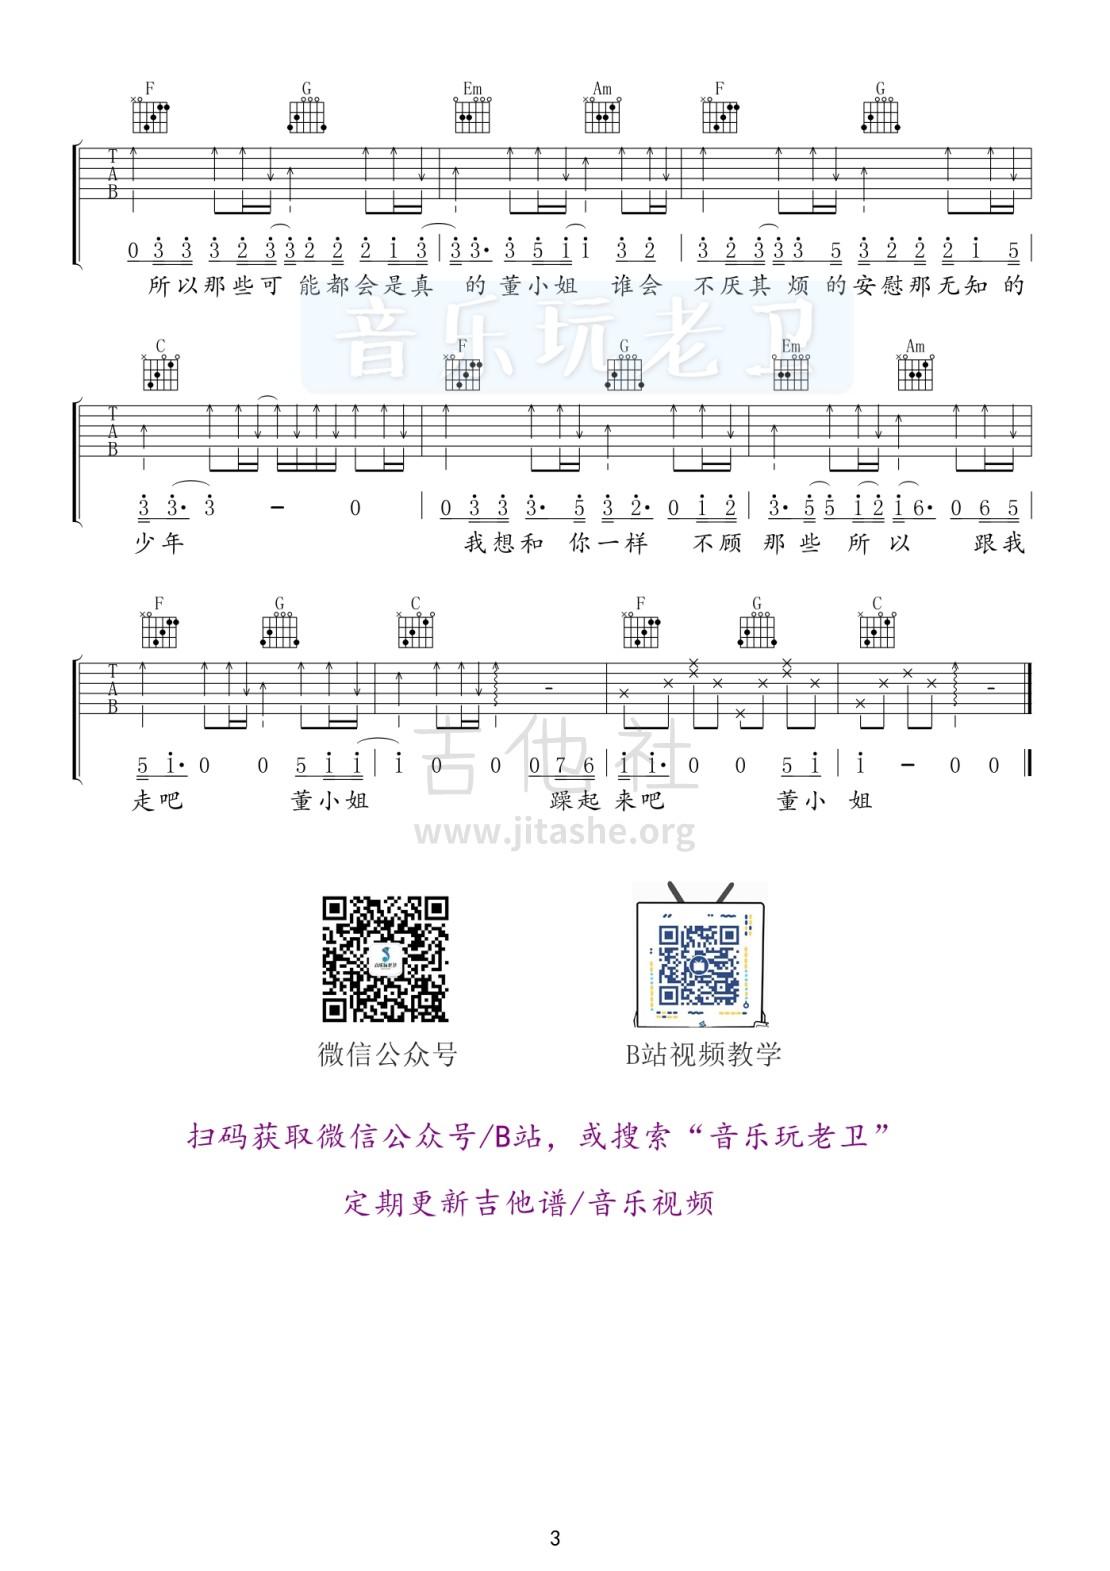 董小姐吉他谱(图片谱,弹唱,初级版,C调)_宋冬野_董小姐3